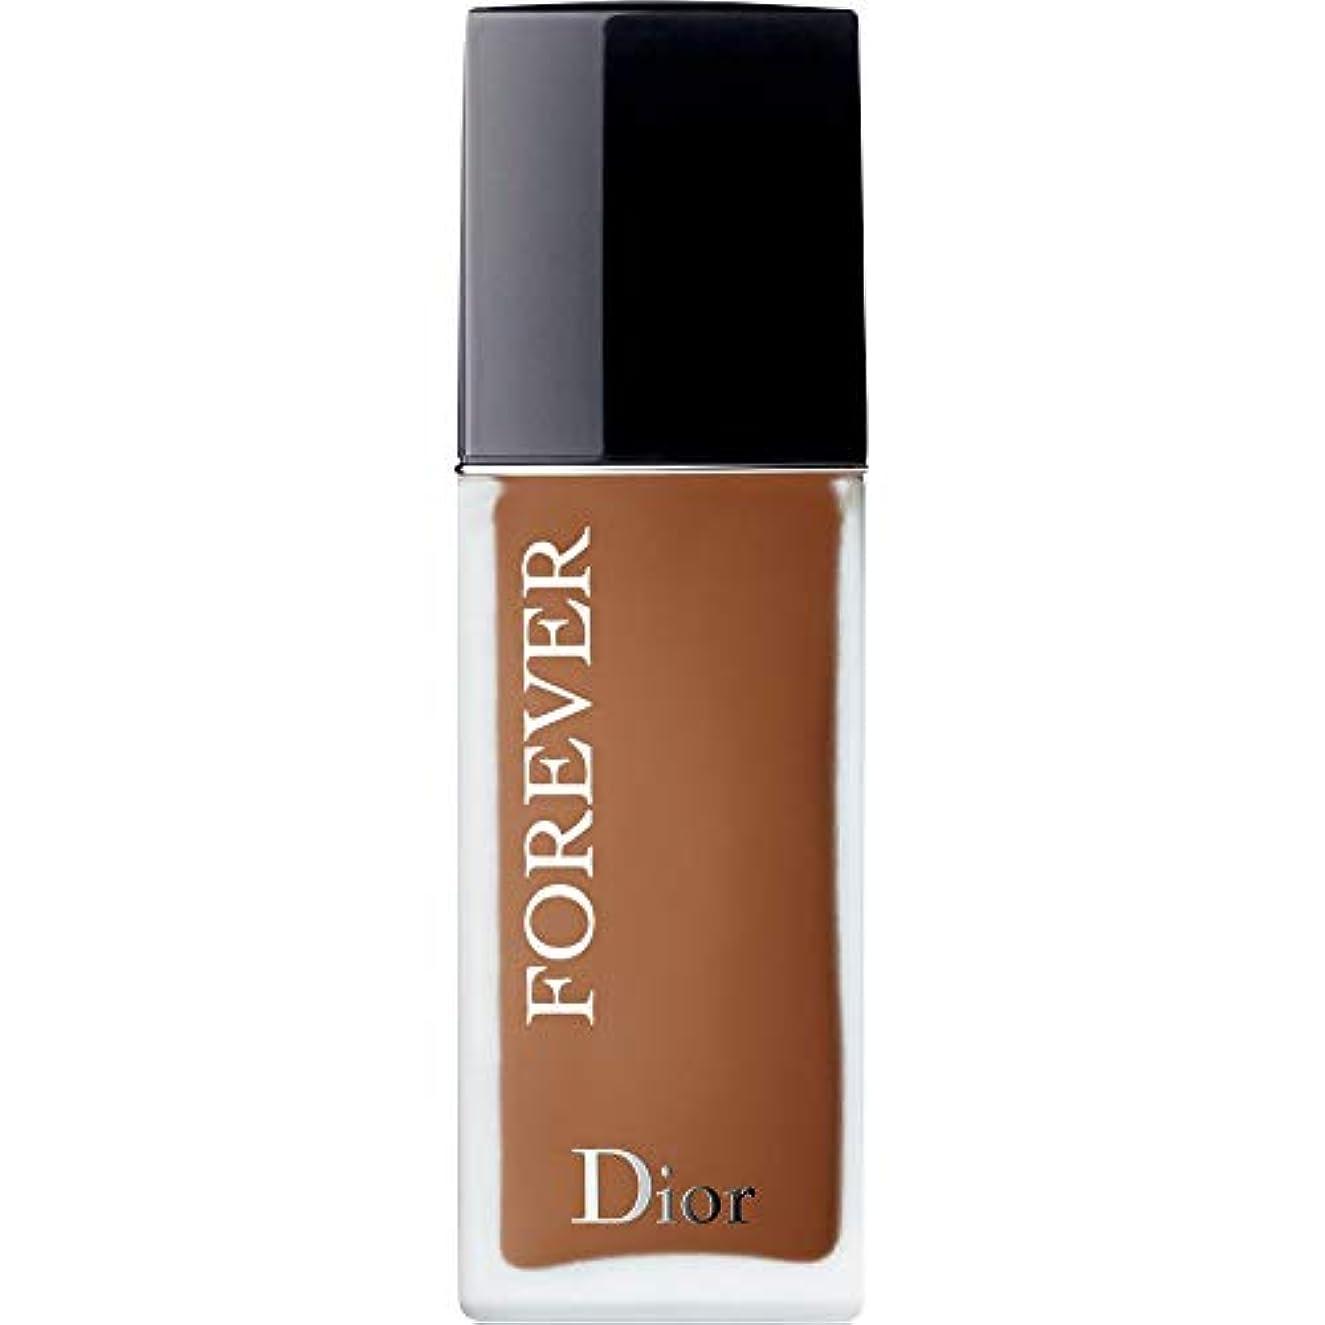 ポケット用量抵当[Dior ] ディオール永遠皮膚思いやりの基盤Spf35 30ミリリットルの6.5N - ニュートラル(つや消し) - DIOR Forever Skin-Caring Foundation SPF35 30ml 6.5N - Neutral (Matte) [並行輸入品]